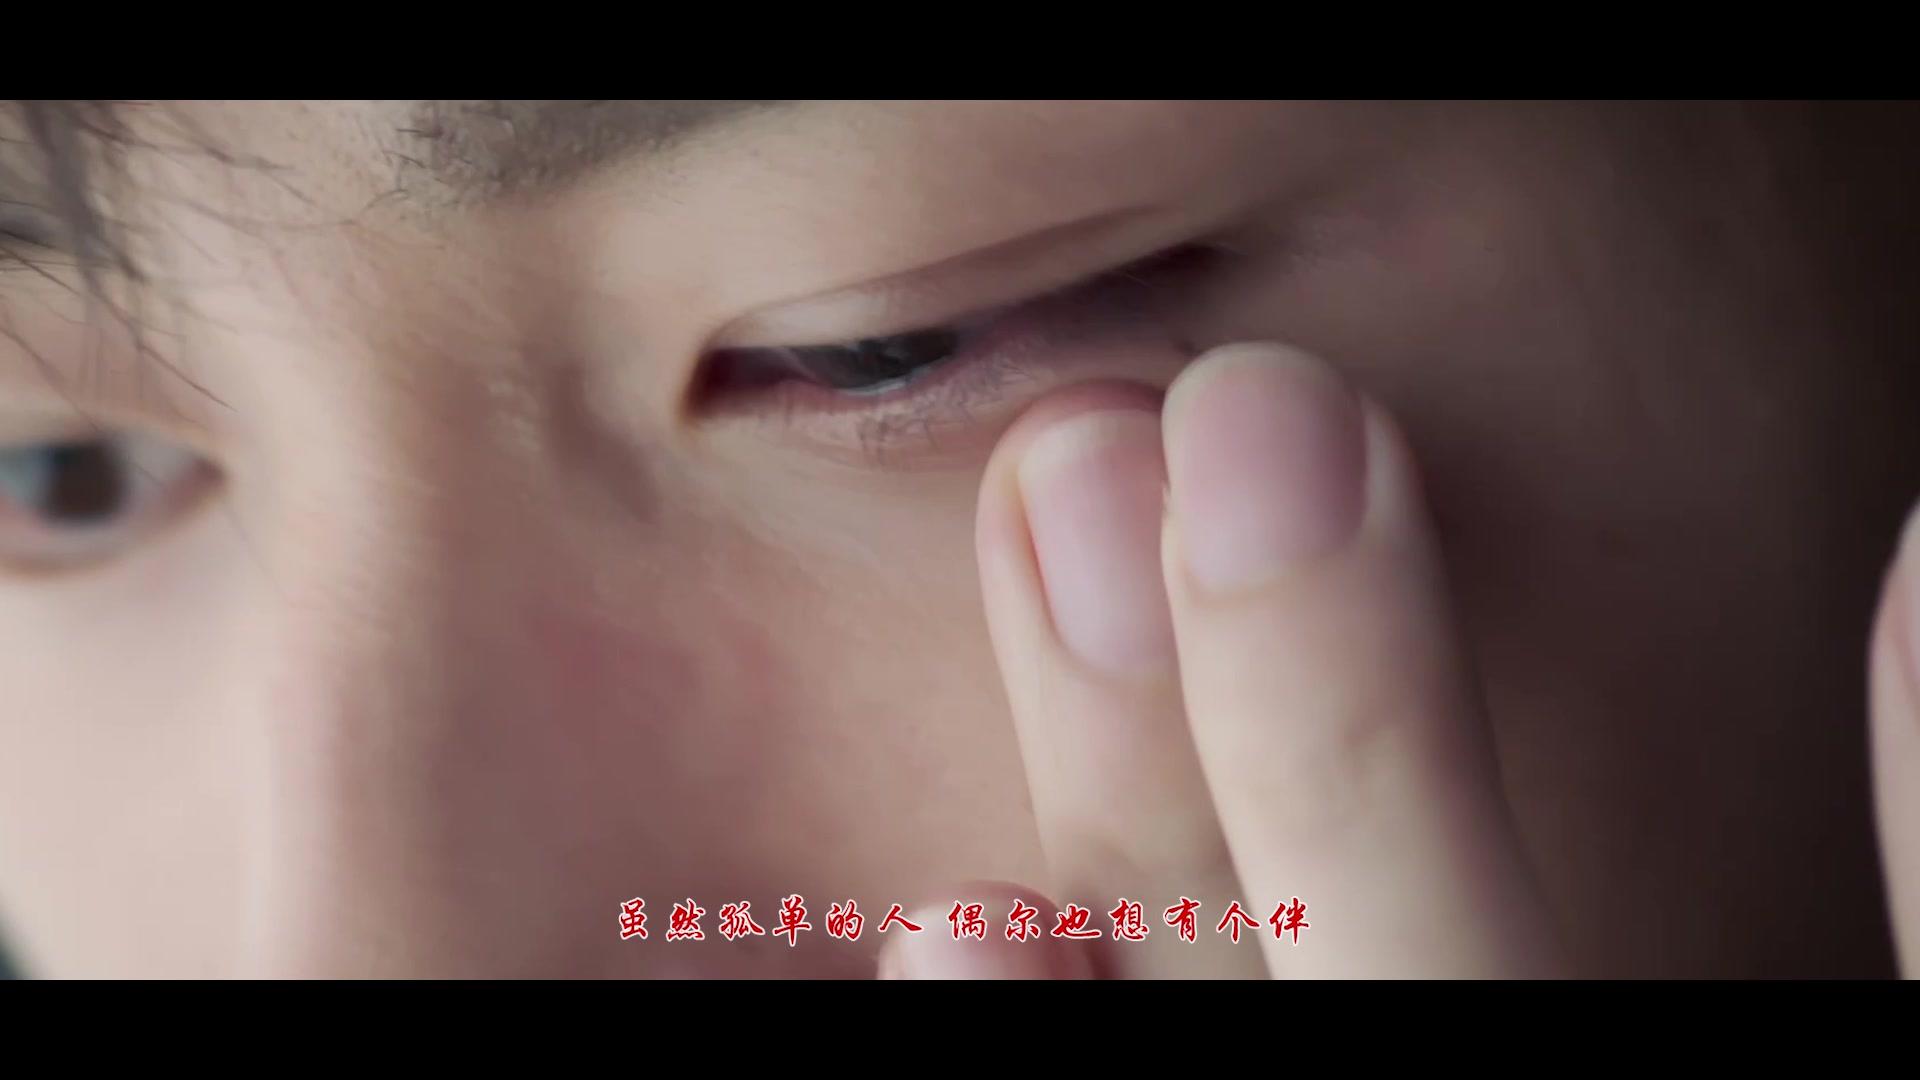 #追剧不能停#用呓语的方式打开《琉璃》:成毅袁冰妍演绎十世虐恋